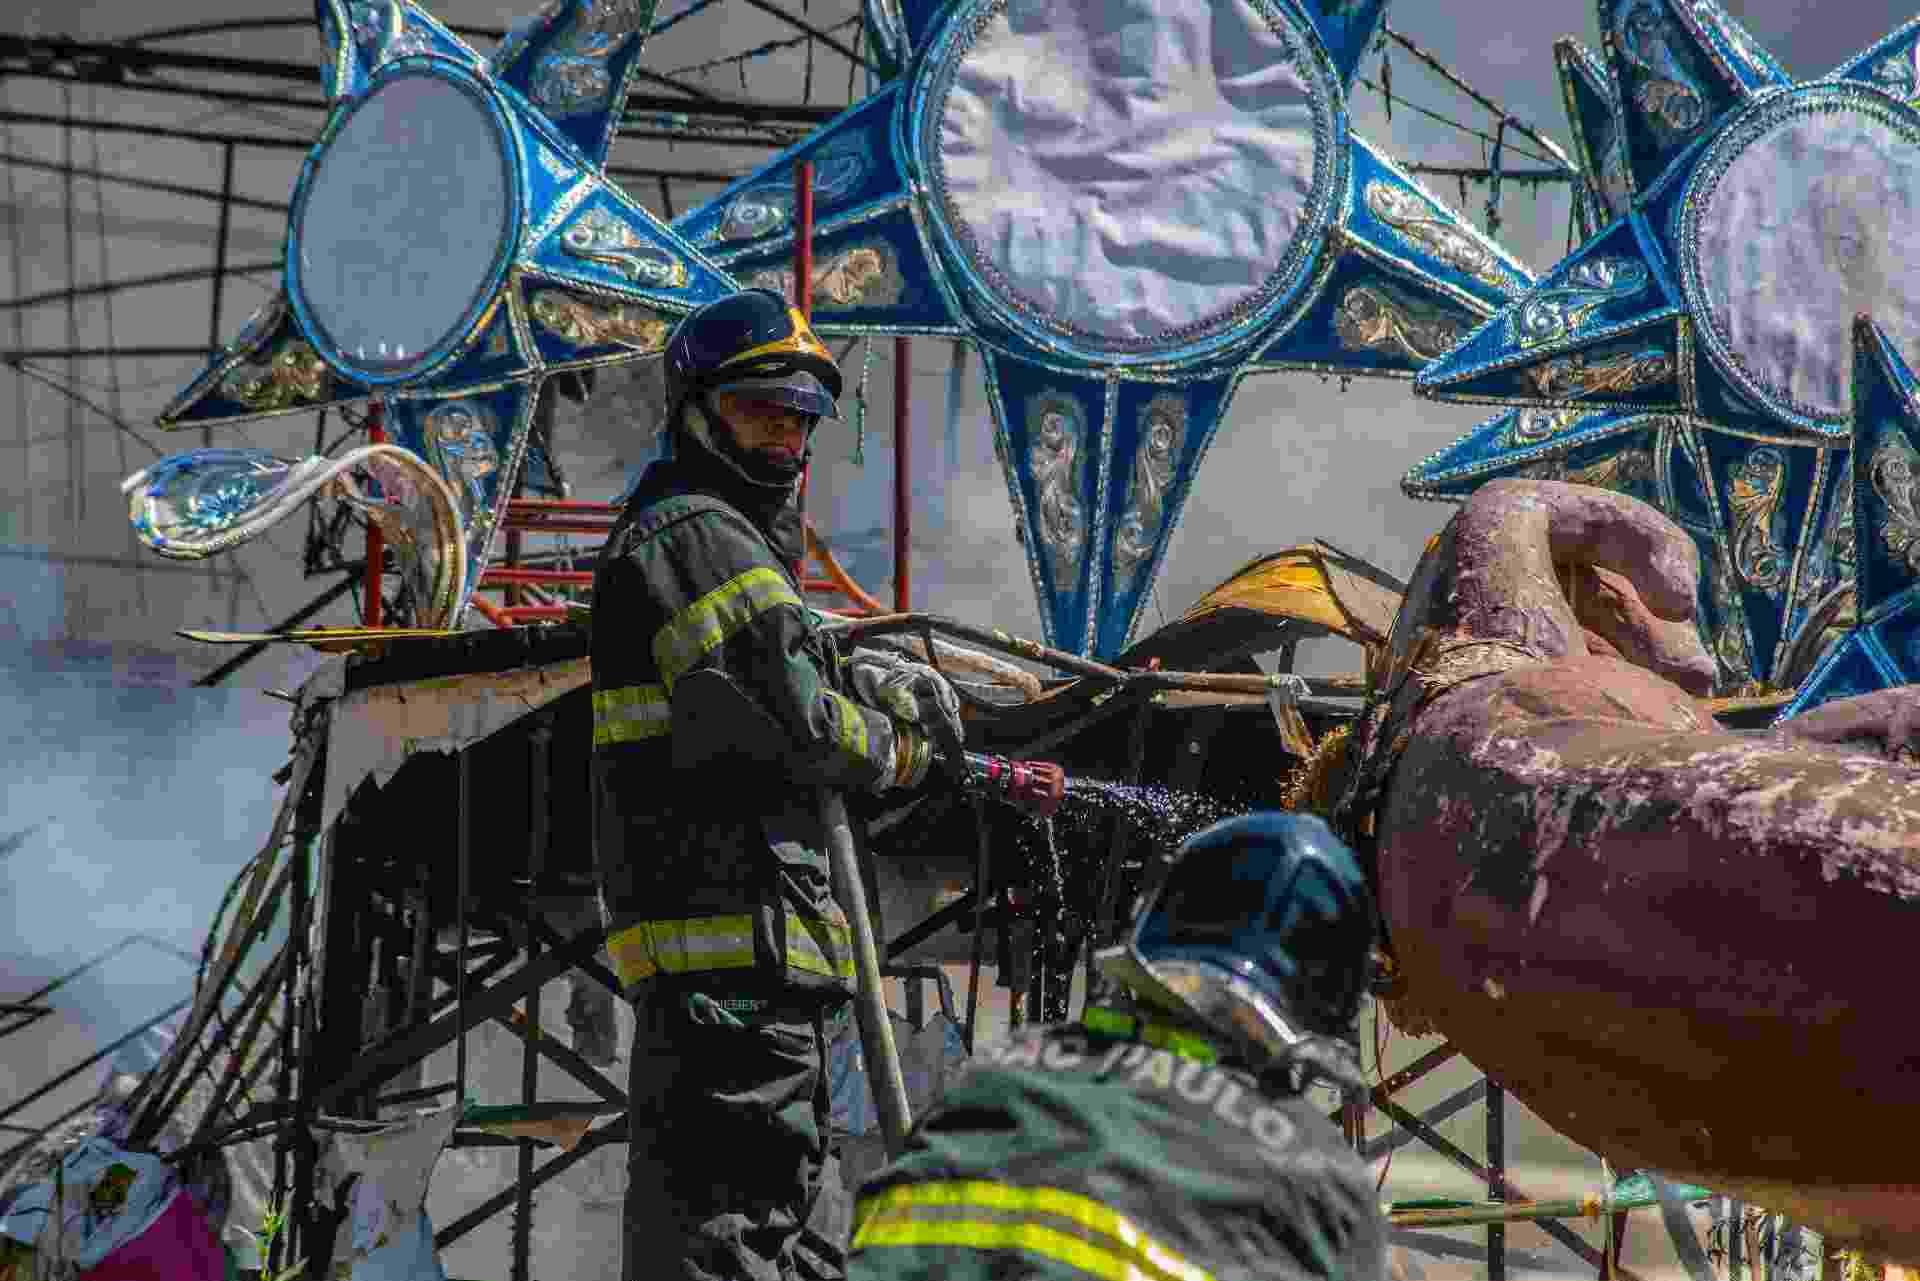 Carnaval em São Paulo - CRIS FAGA/FOX PRESS PHOTO/ESTADÃO CONTEÚDO